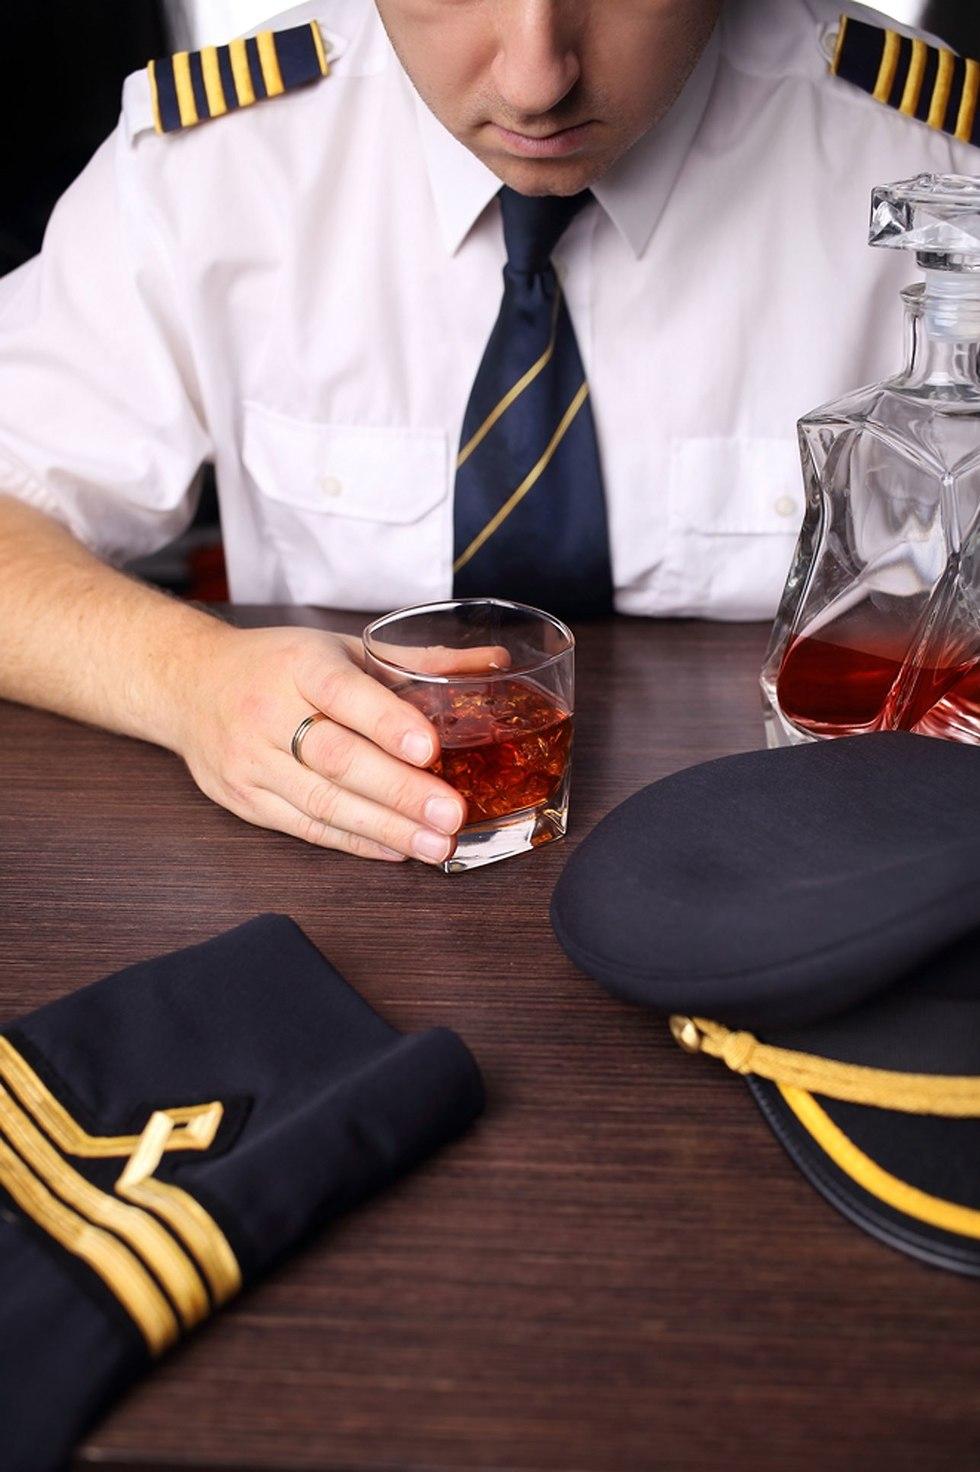 טייס שיכור אילוסטרציה (צילום: shutterstock)